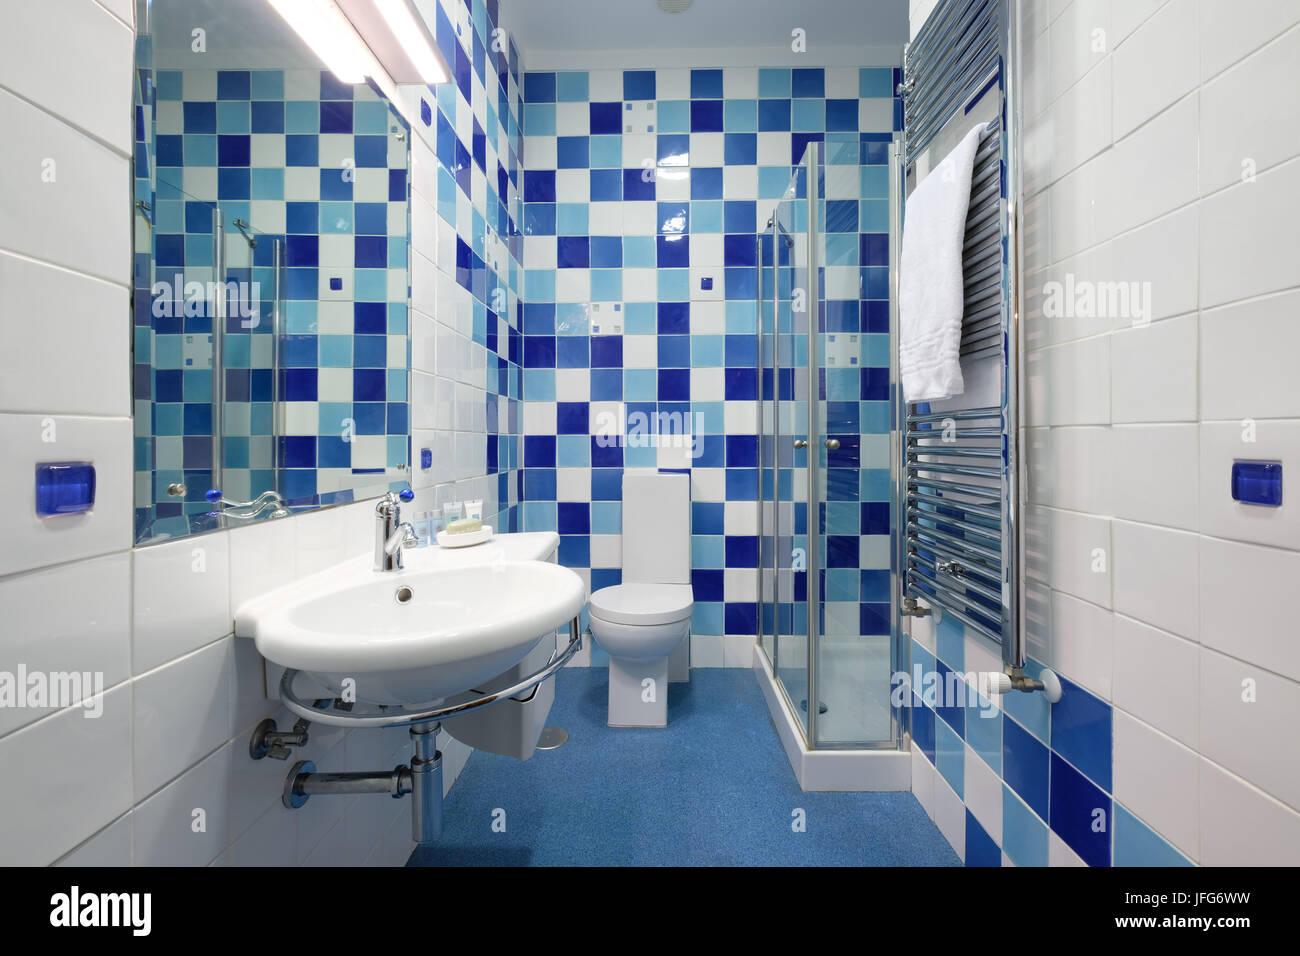 Moderno bagno con piastrelle blu Foto  Immagine Stock 147259445  Alamy